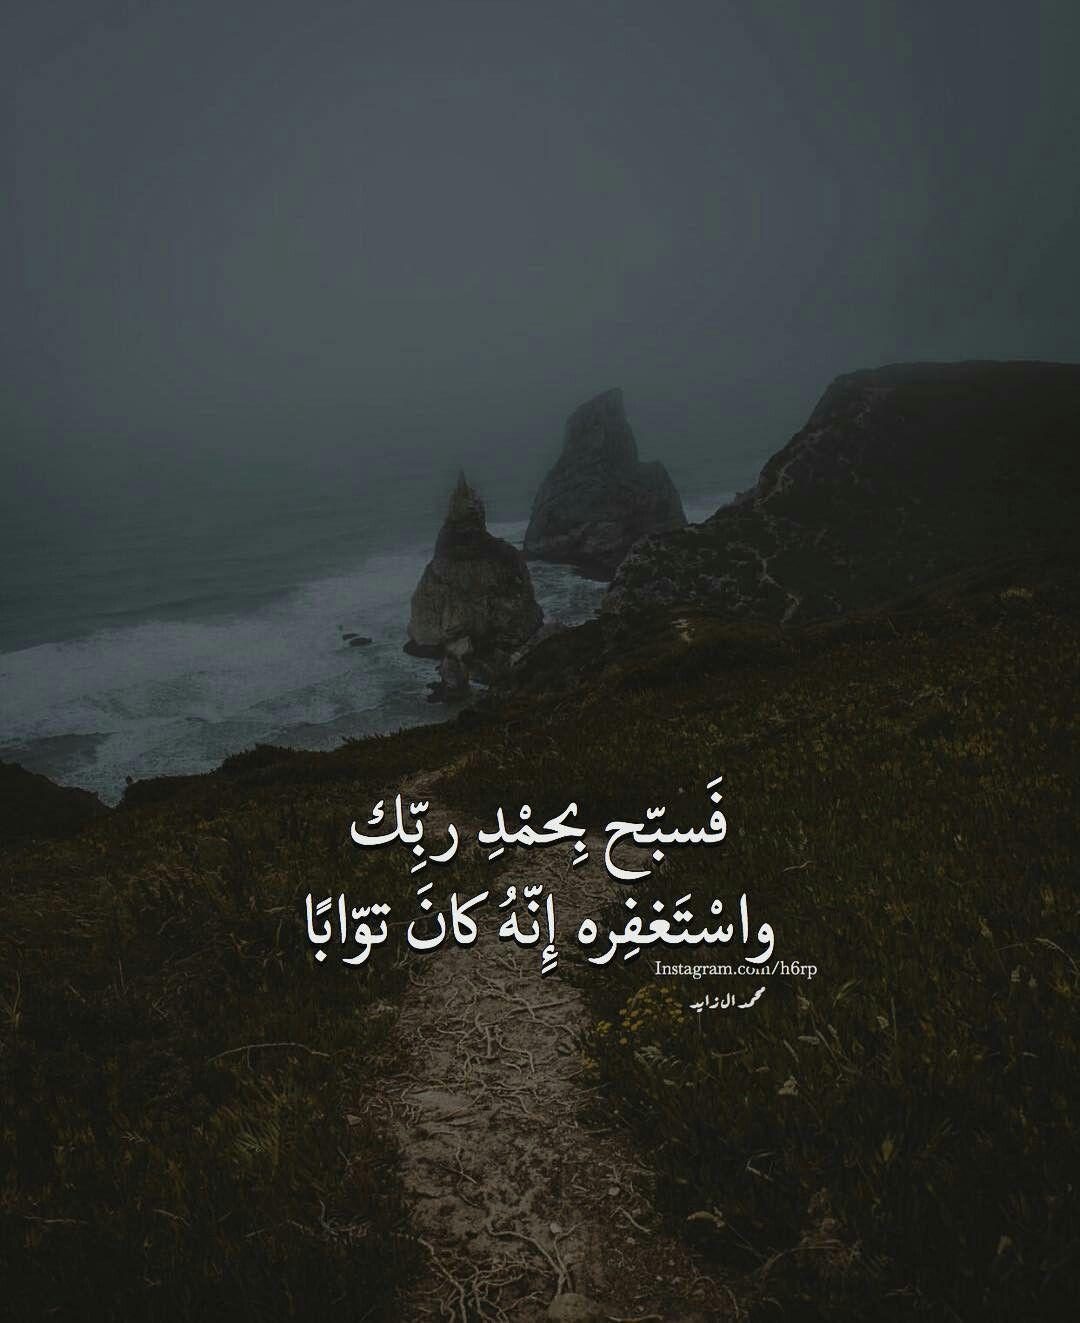 استغفرك ربي وأتوب إليك Instagram World Allah